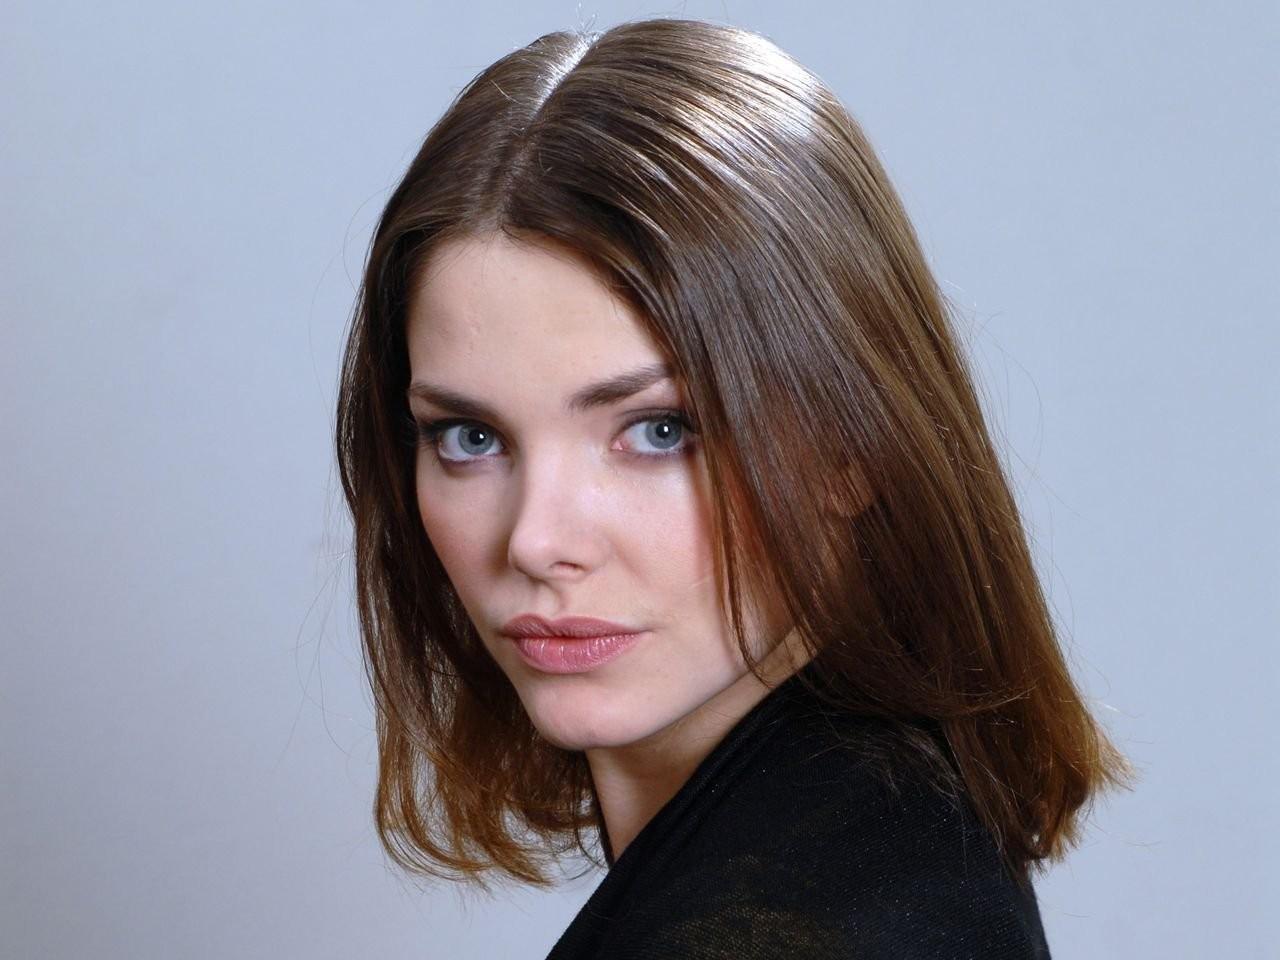 Елизавета Боярская сняла с себя все и попозировала голышом. Горячие бесплатные фото и видео